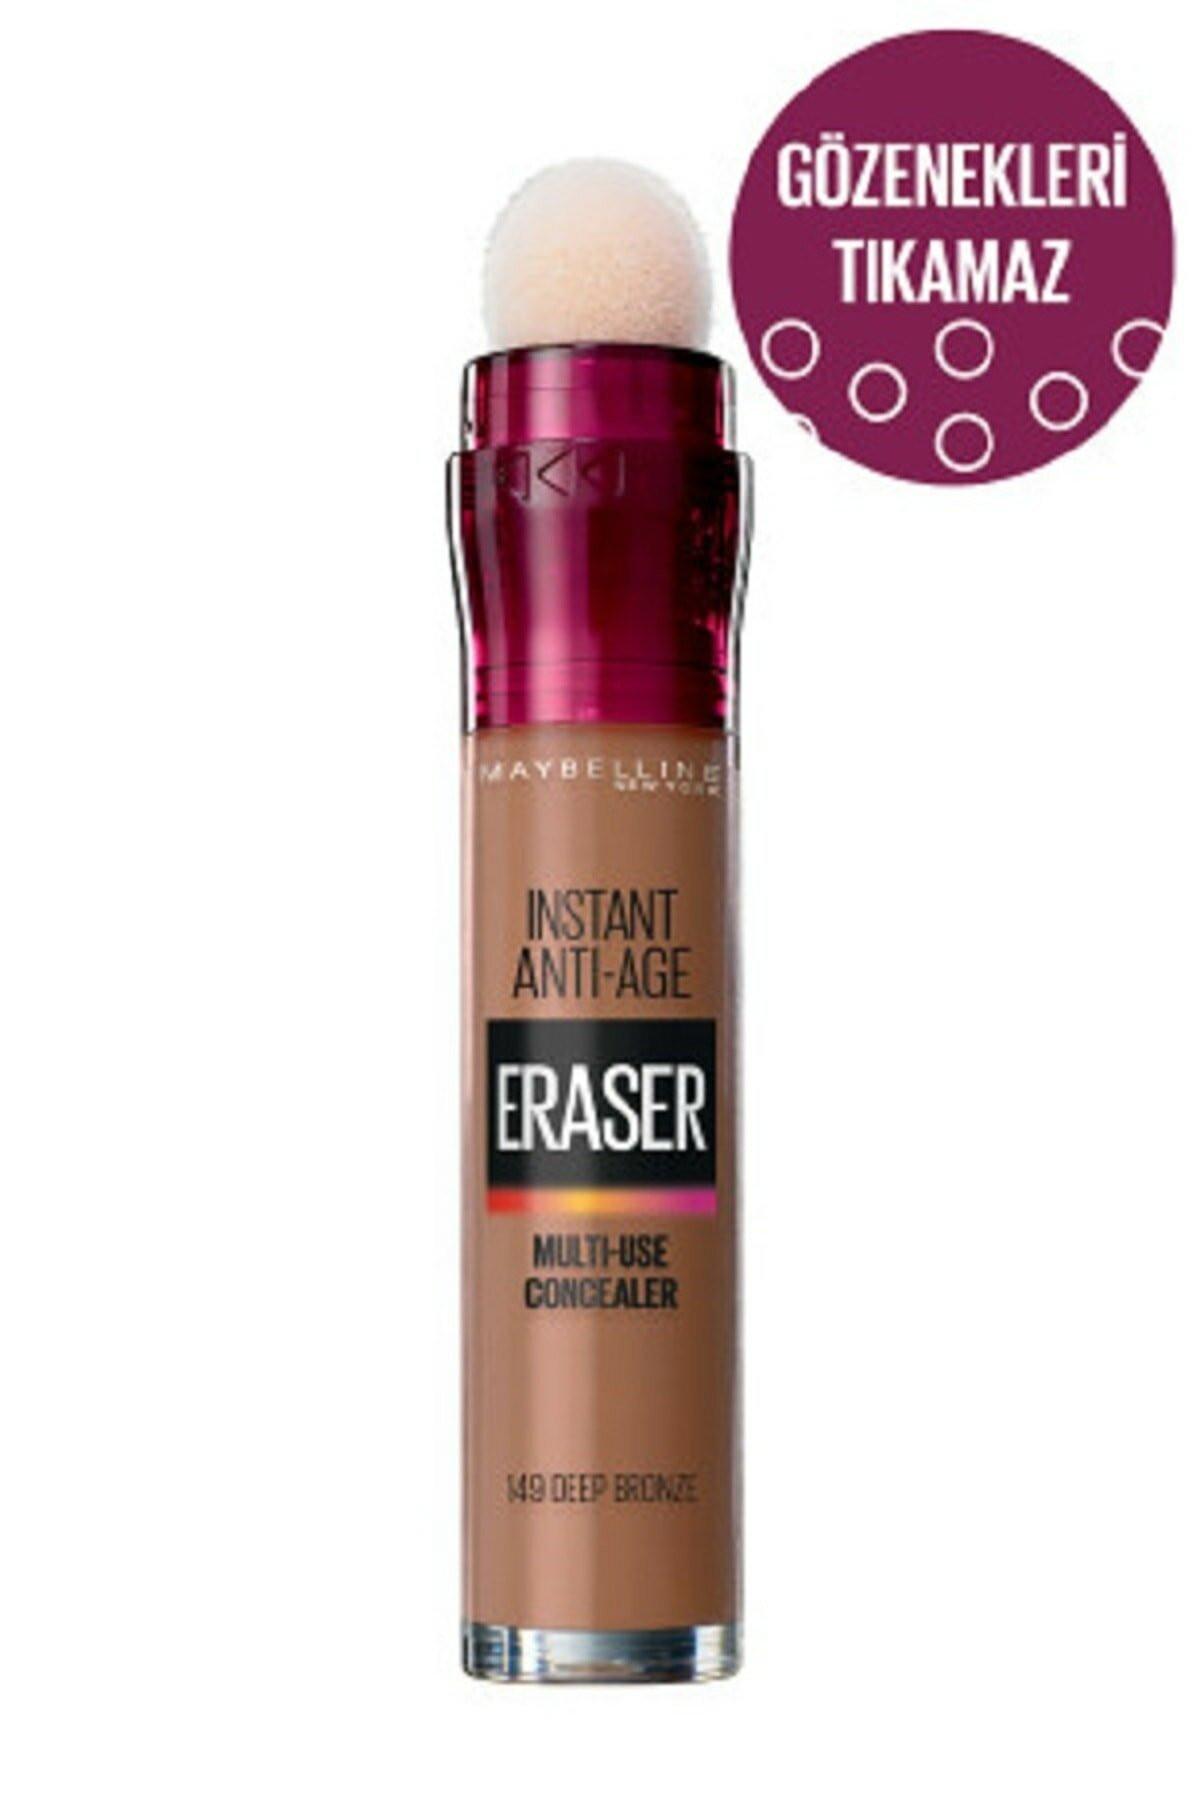 Maybelline New York Kapatıcı - Instant Age Eraser Concealer 149 Deep Bronze